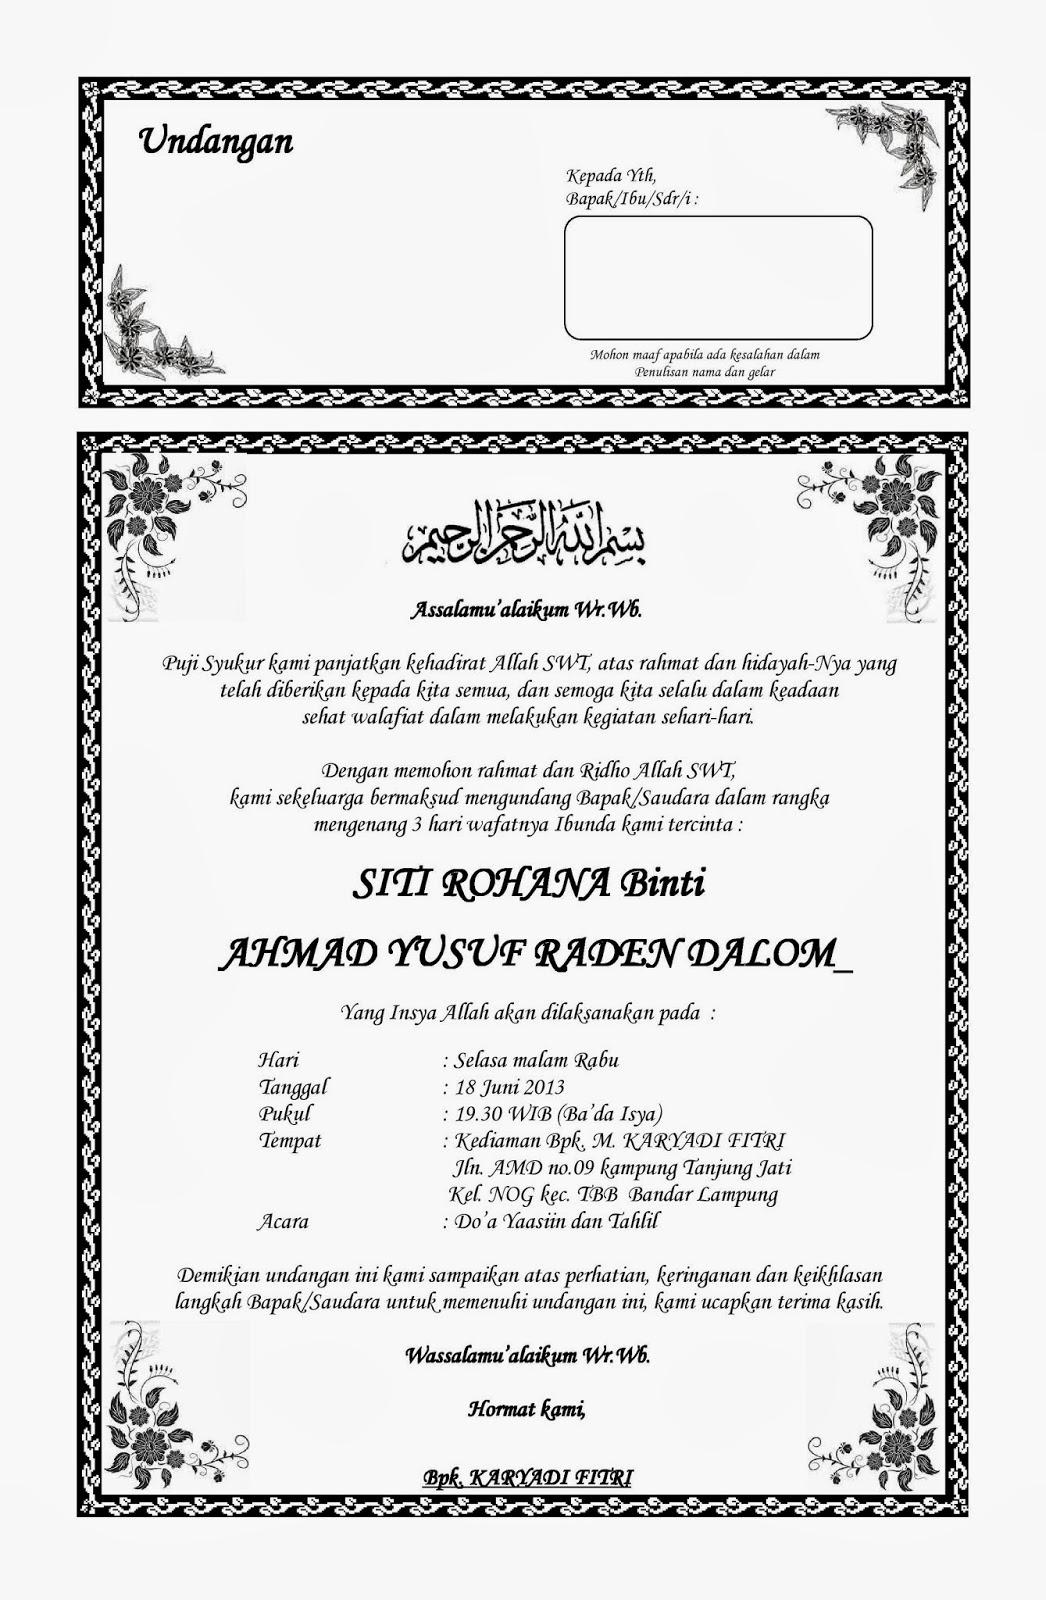 Contoh Undangan Untuk Acara 7 Bulanan - Contoh Isi Undangan